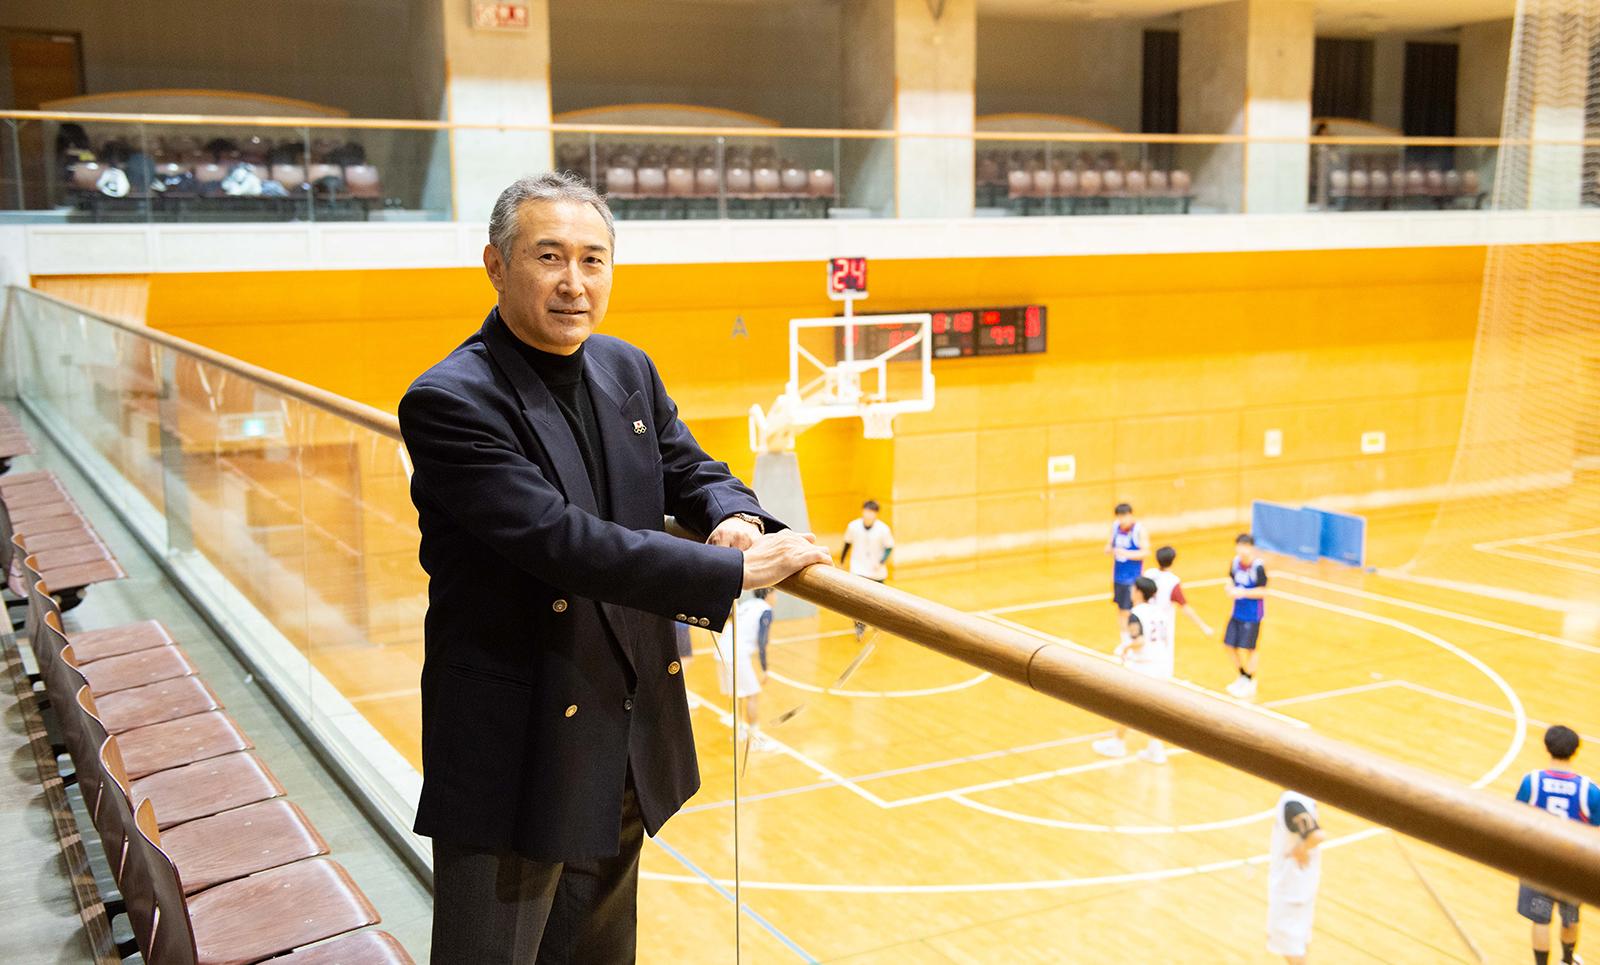 中央区総合スポーツセンター所長 中澤 康弘さん